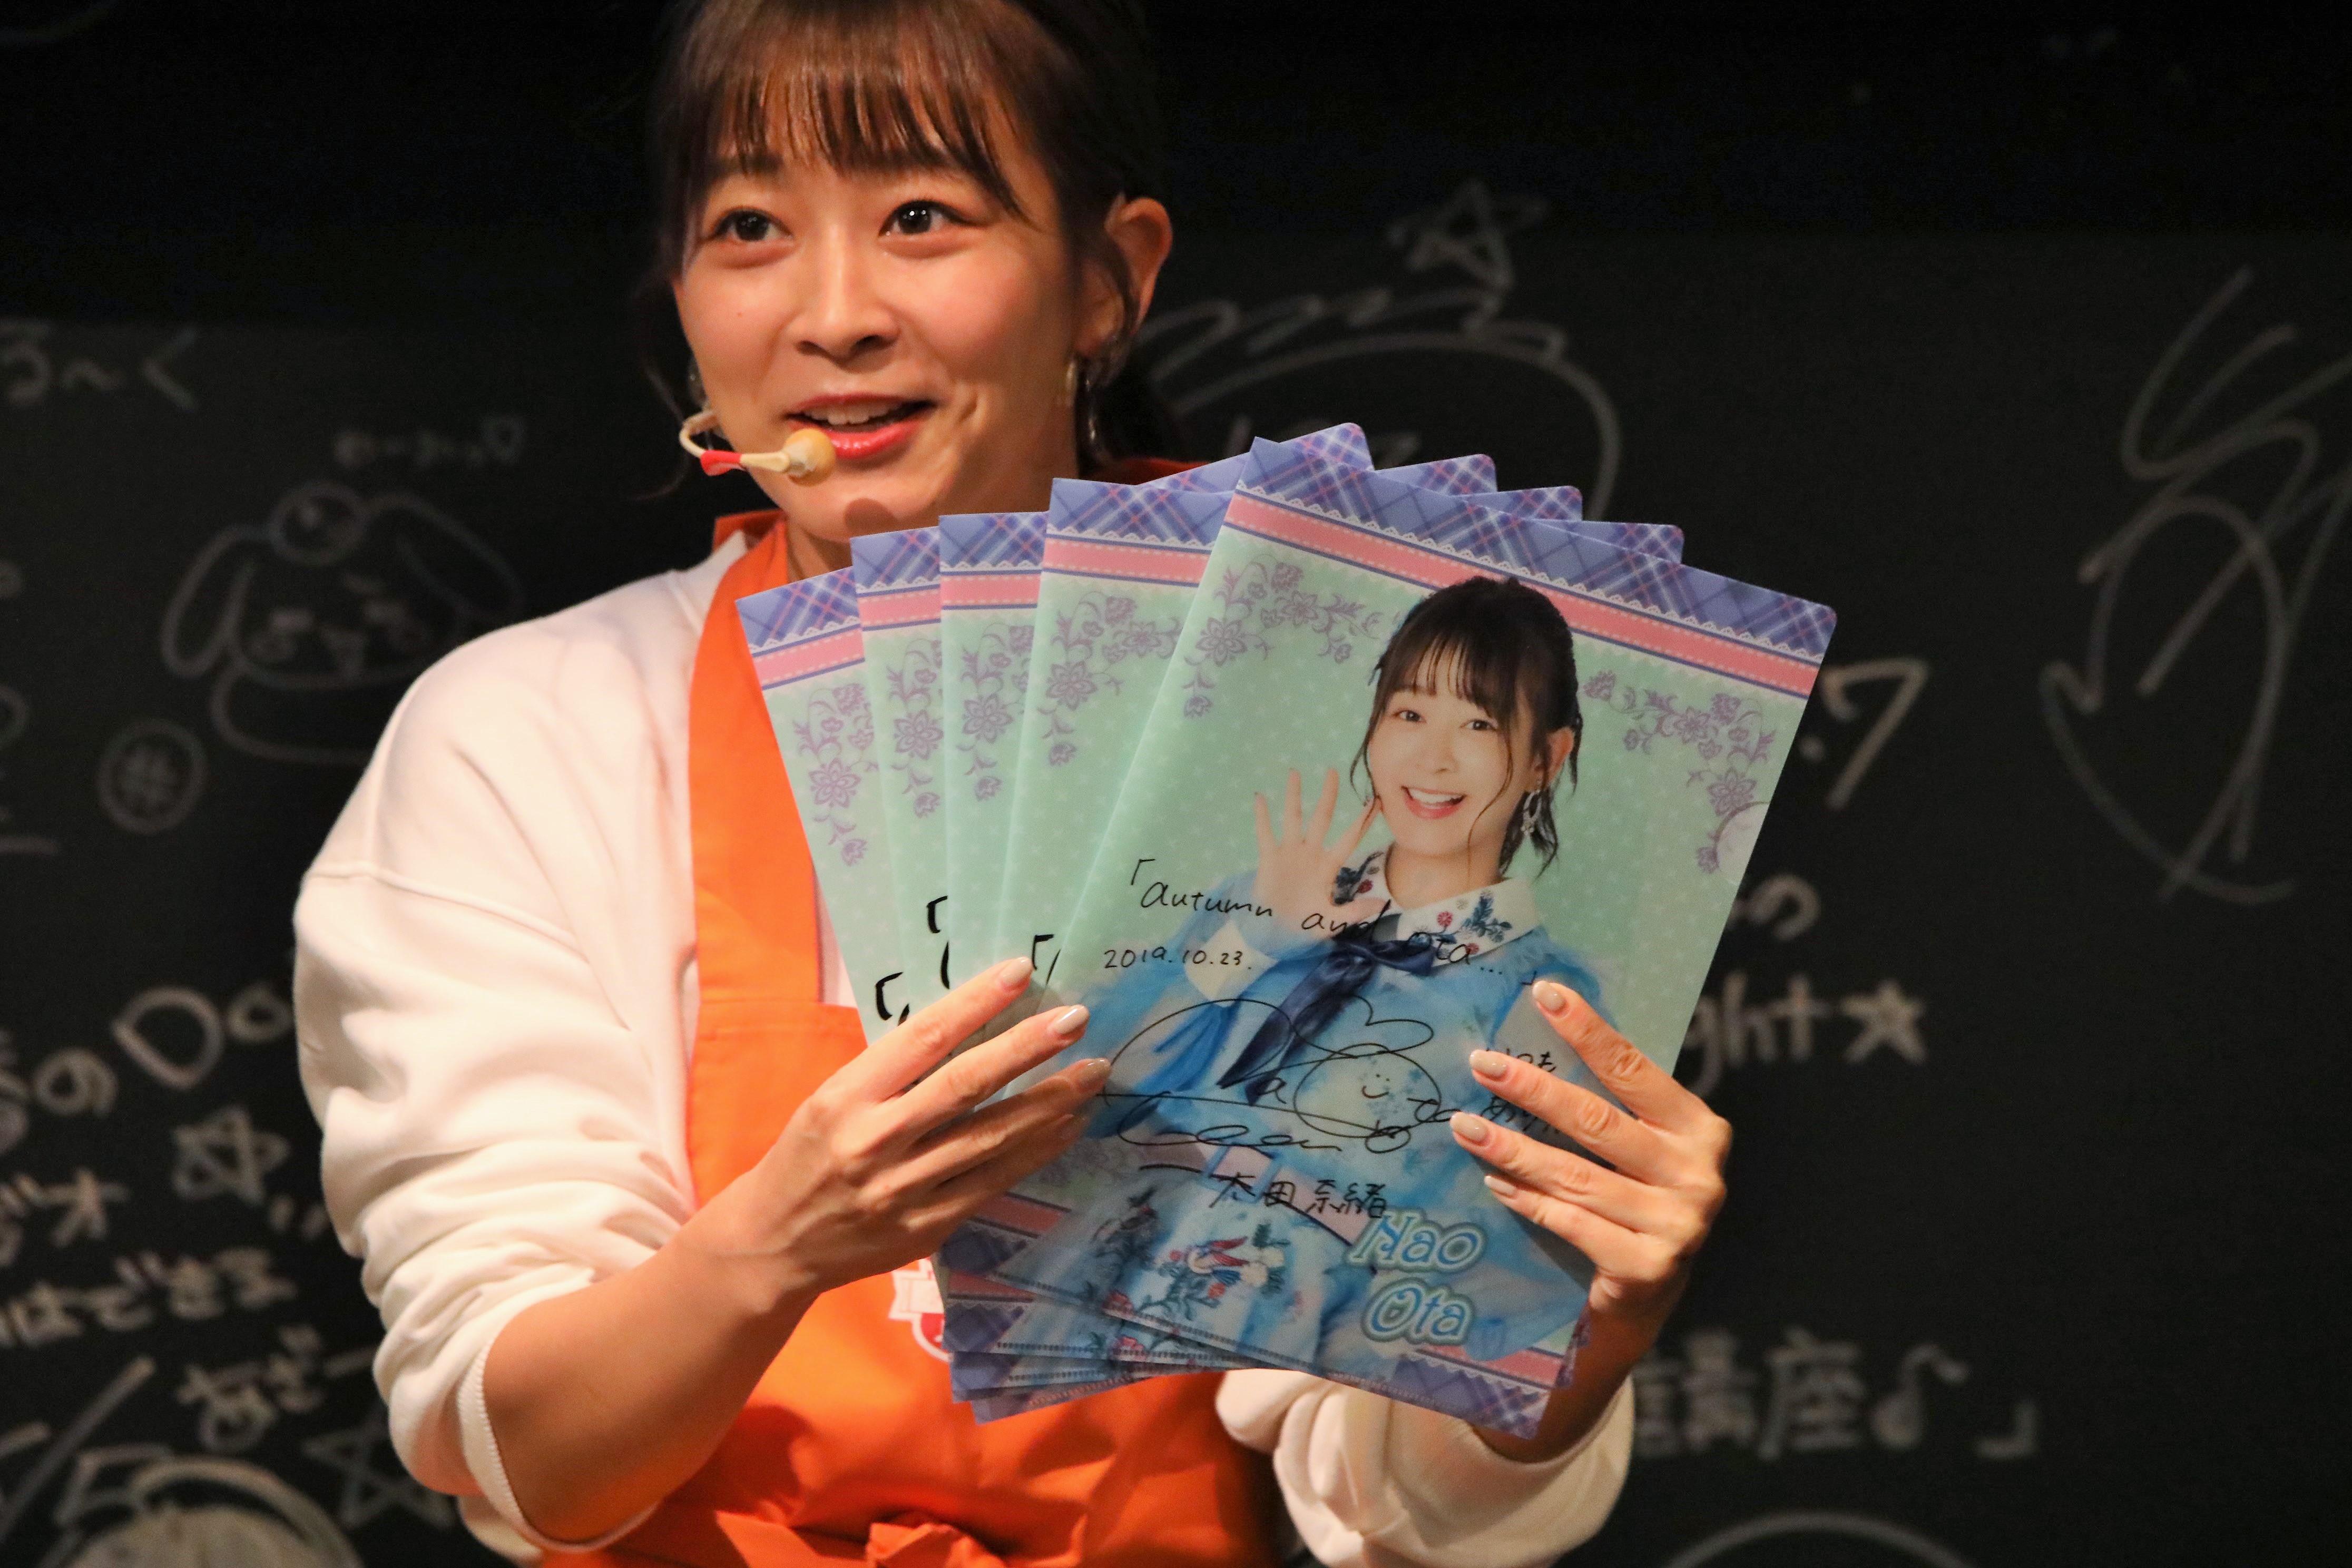 ビンゴで上位5名には太田奈緒のサイン入りグッズがプレゼントされた